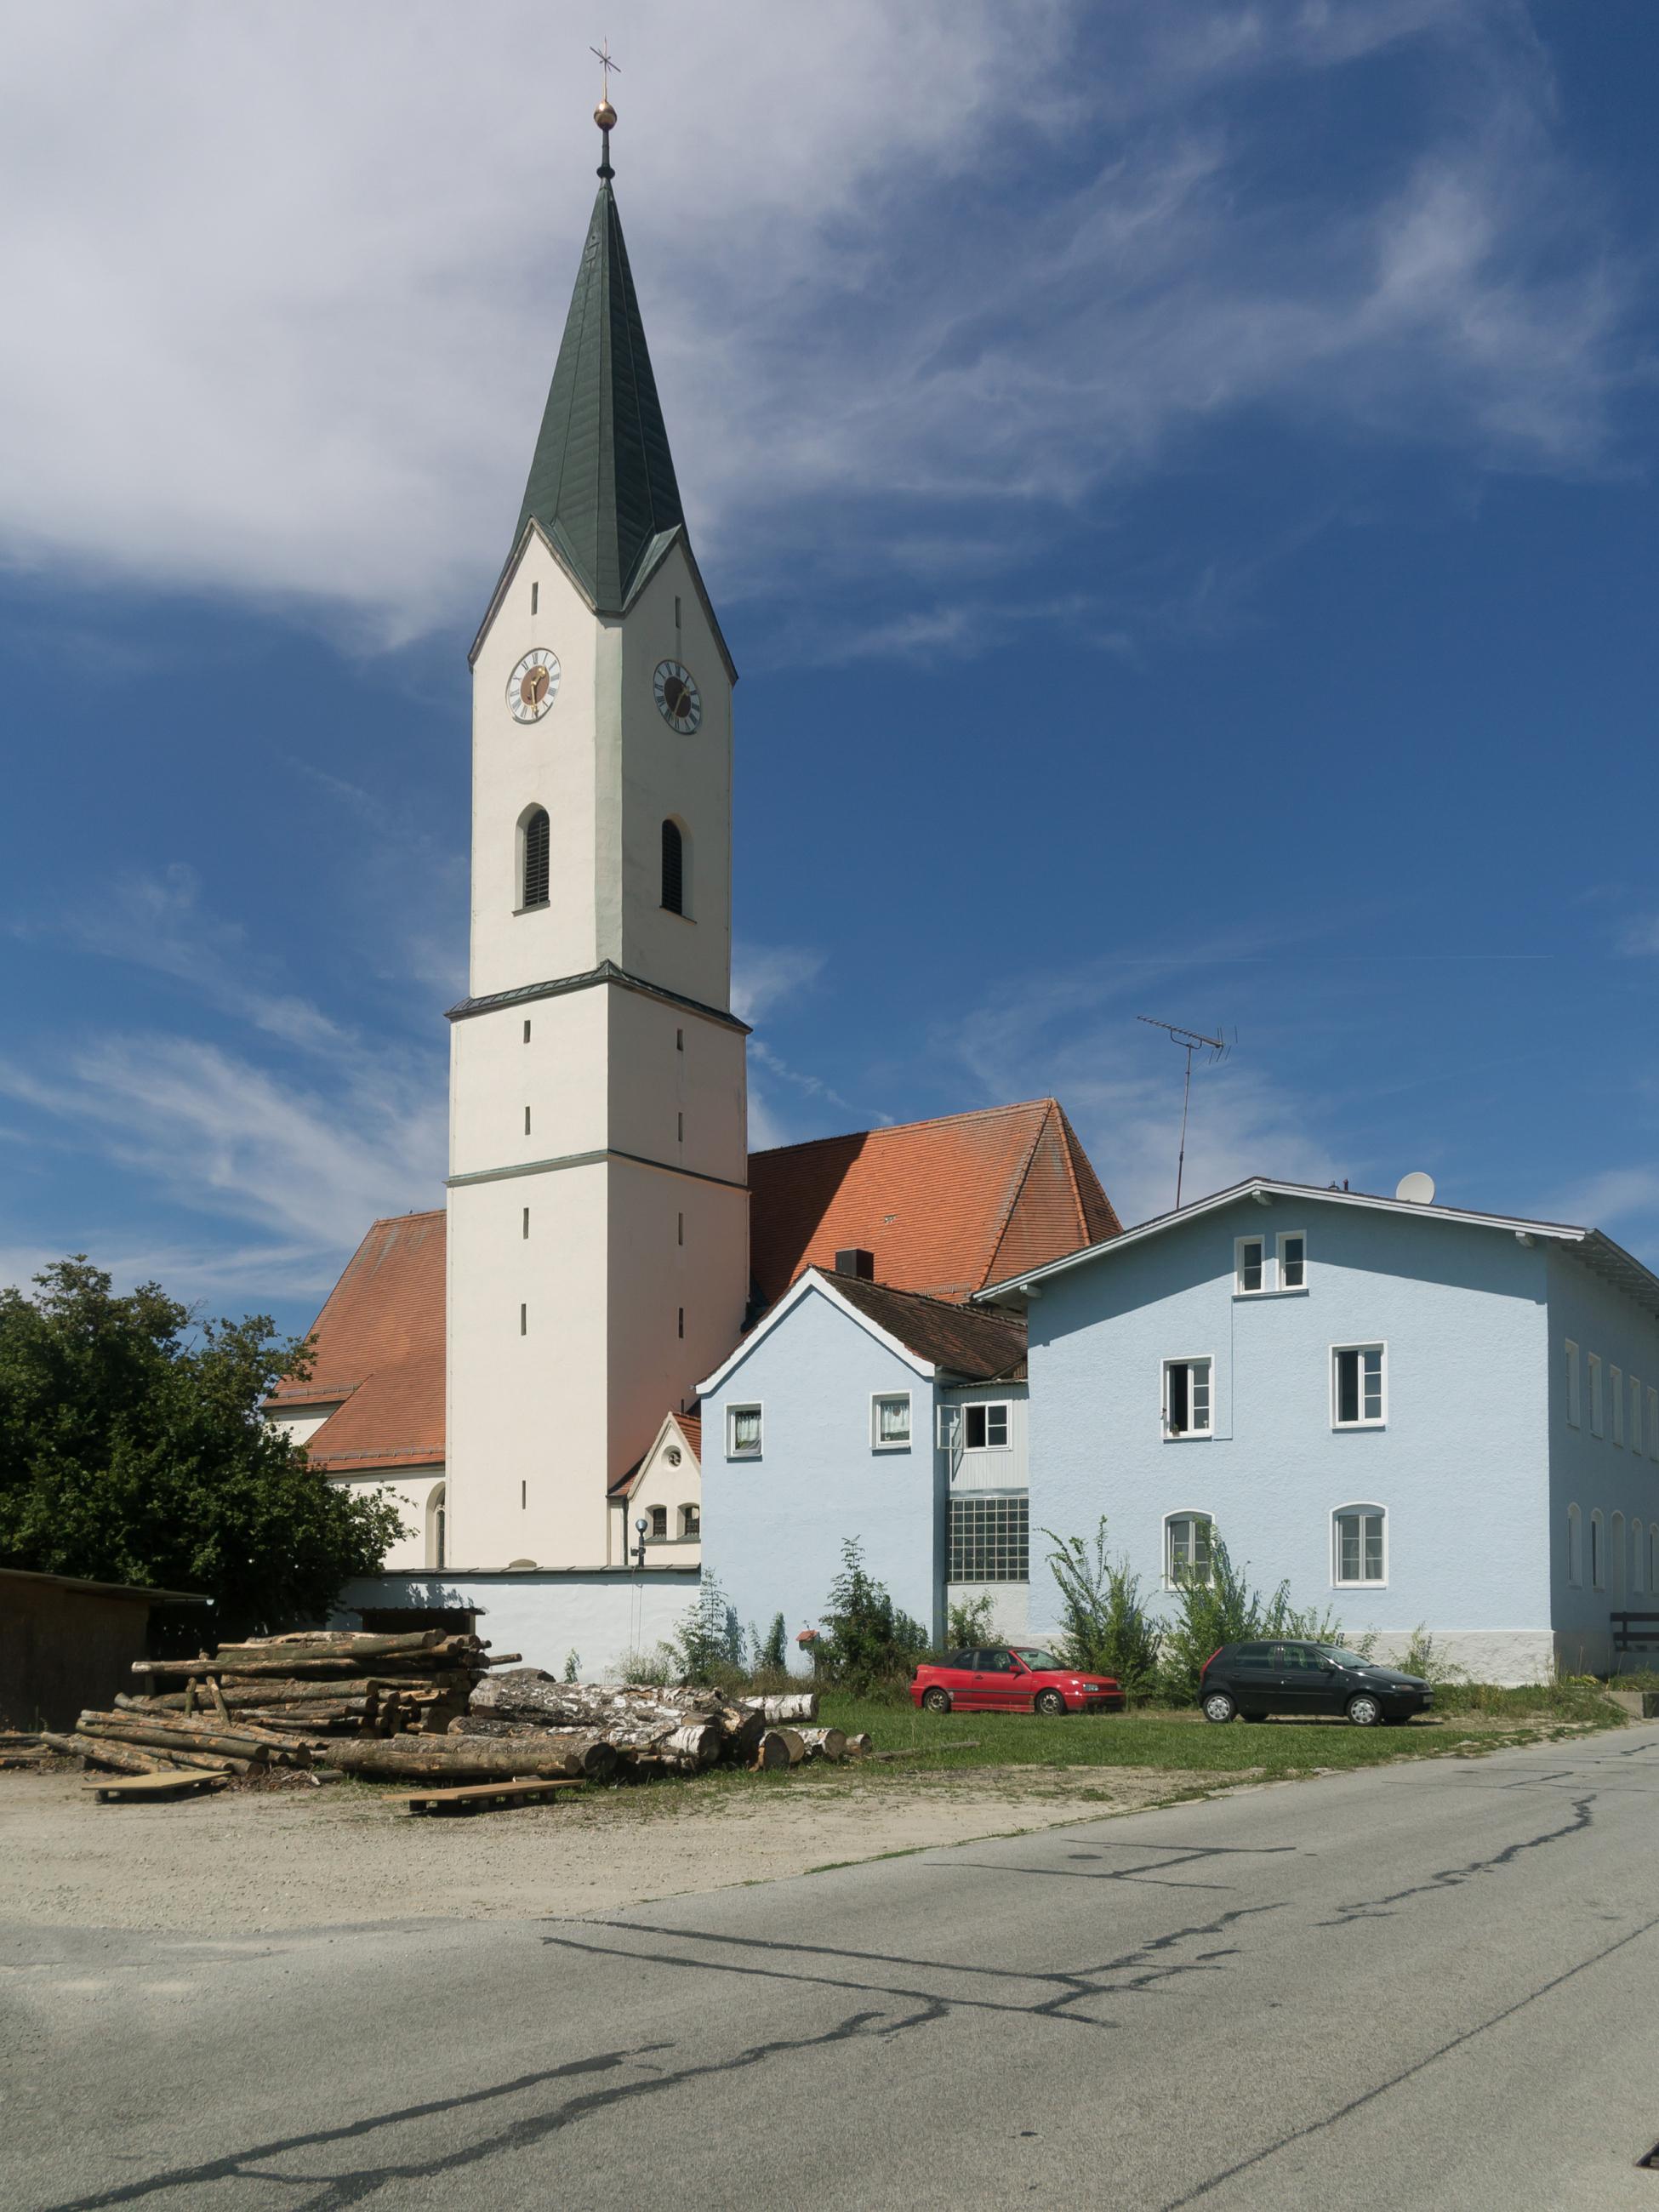 Karpfham2C Die Katholische Pfarrkirche Maric3A4 Himmelfahrt Dmd 2 75 124 104 Foto7 2017 08 08 13 20